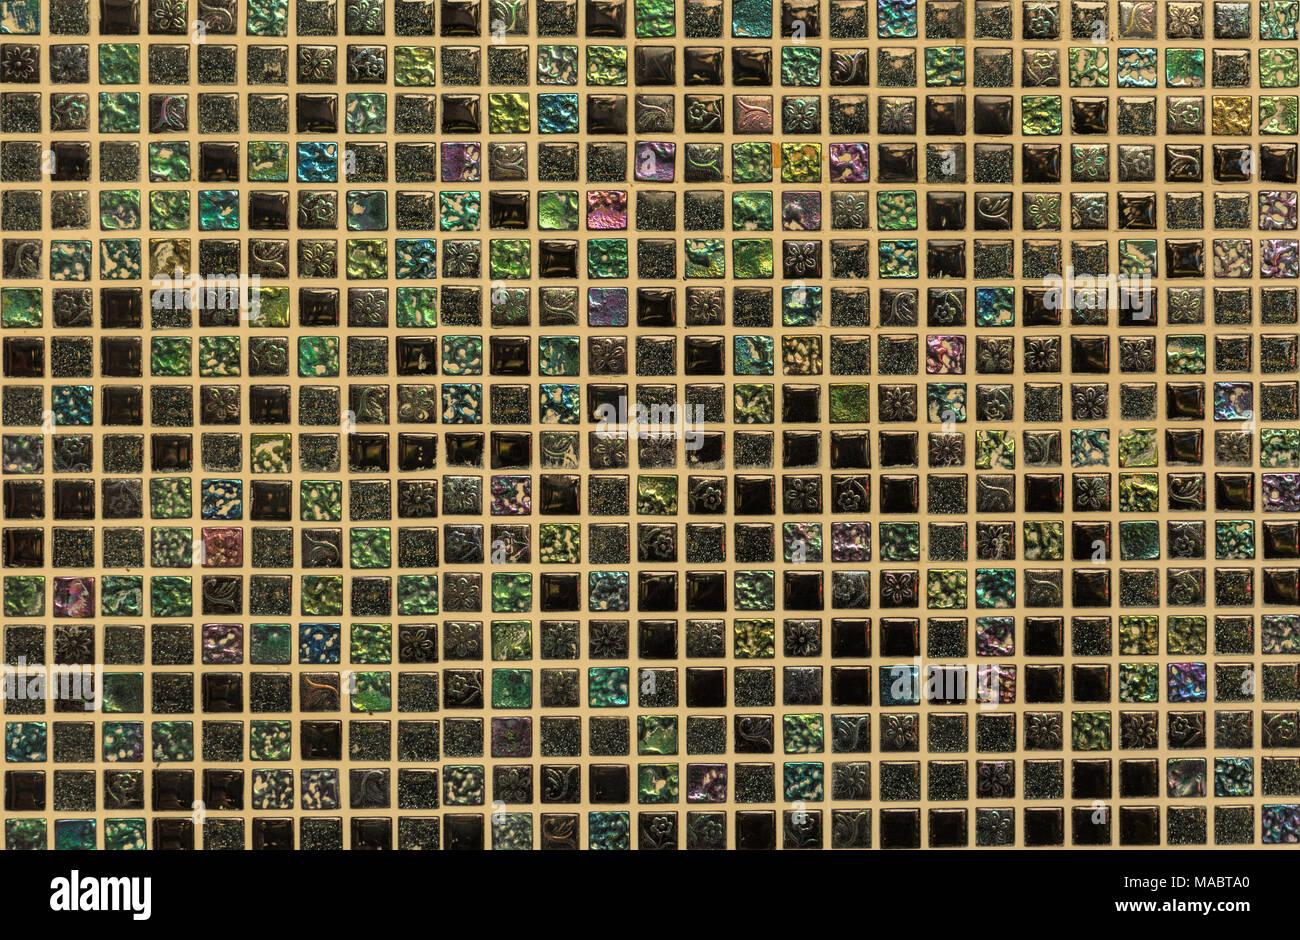 Parete Doro : Piazza d oro lucido parete in ceramica foto immagine stock